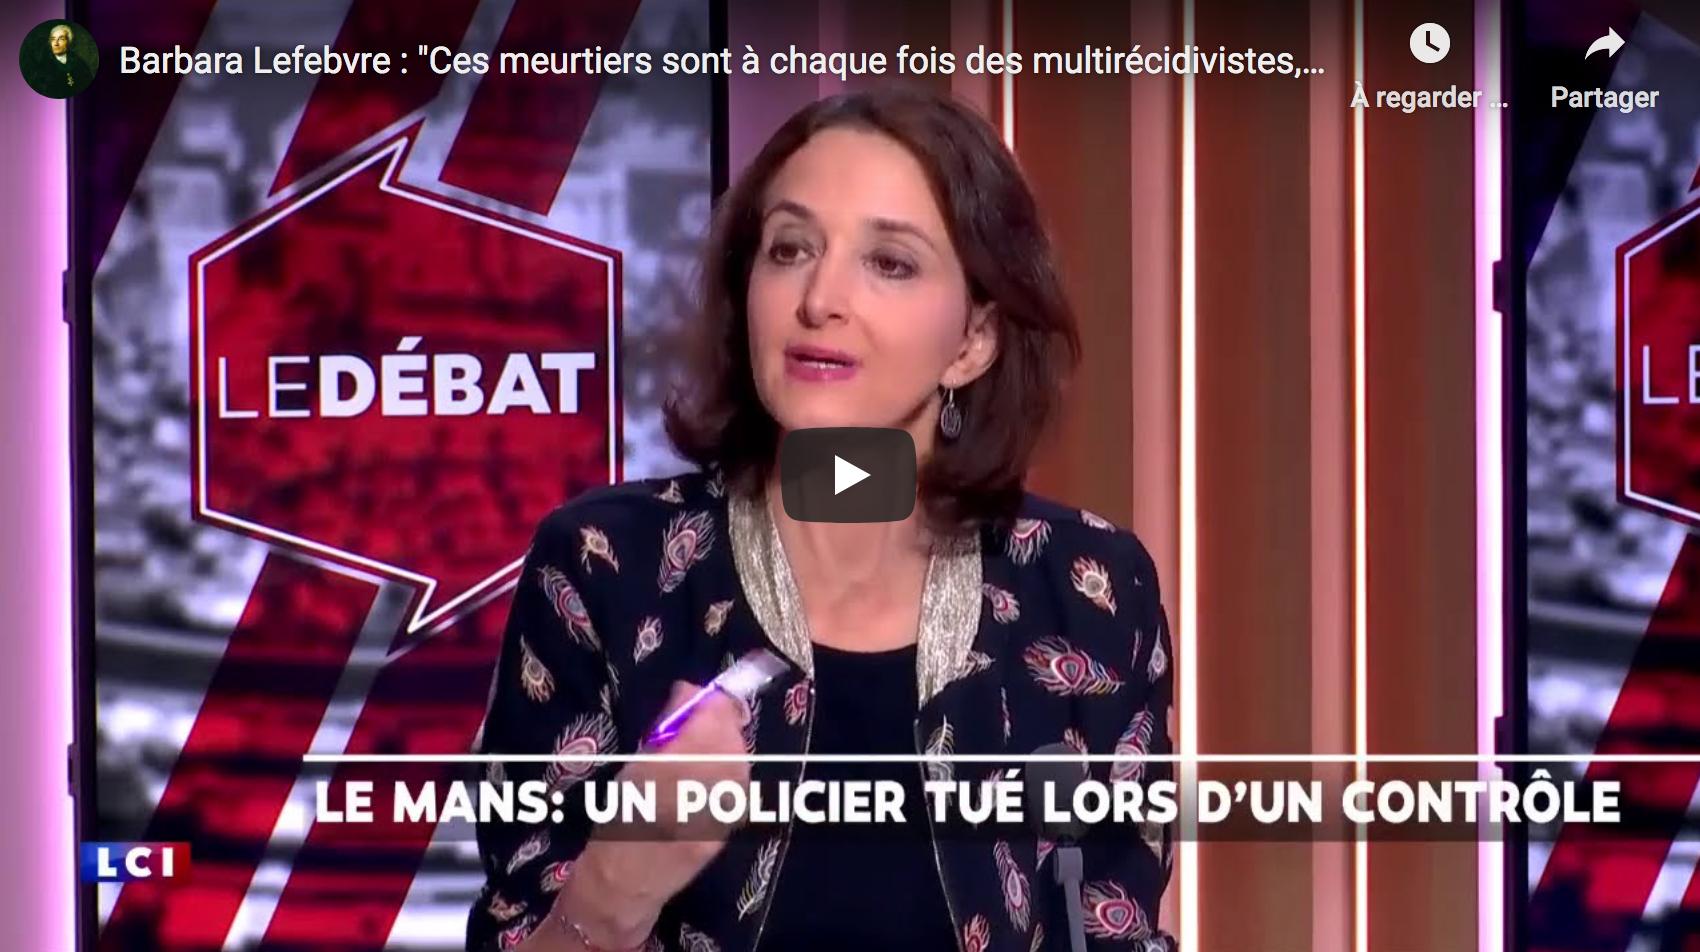 Barbara Lefebvre : «Ces meurtriers sont à chaque fois des multirécidivistes, ouvrons les yeux !» (VIDÉO)